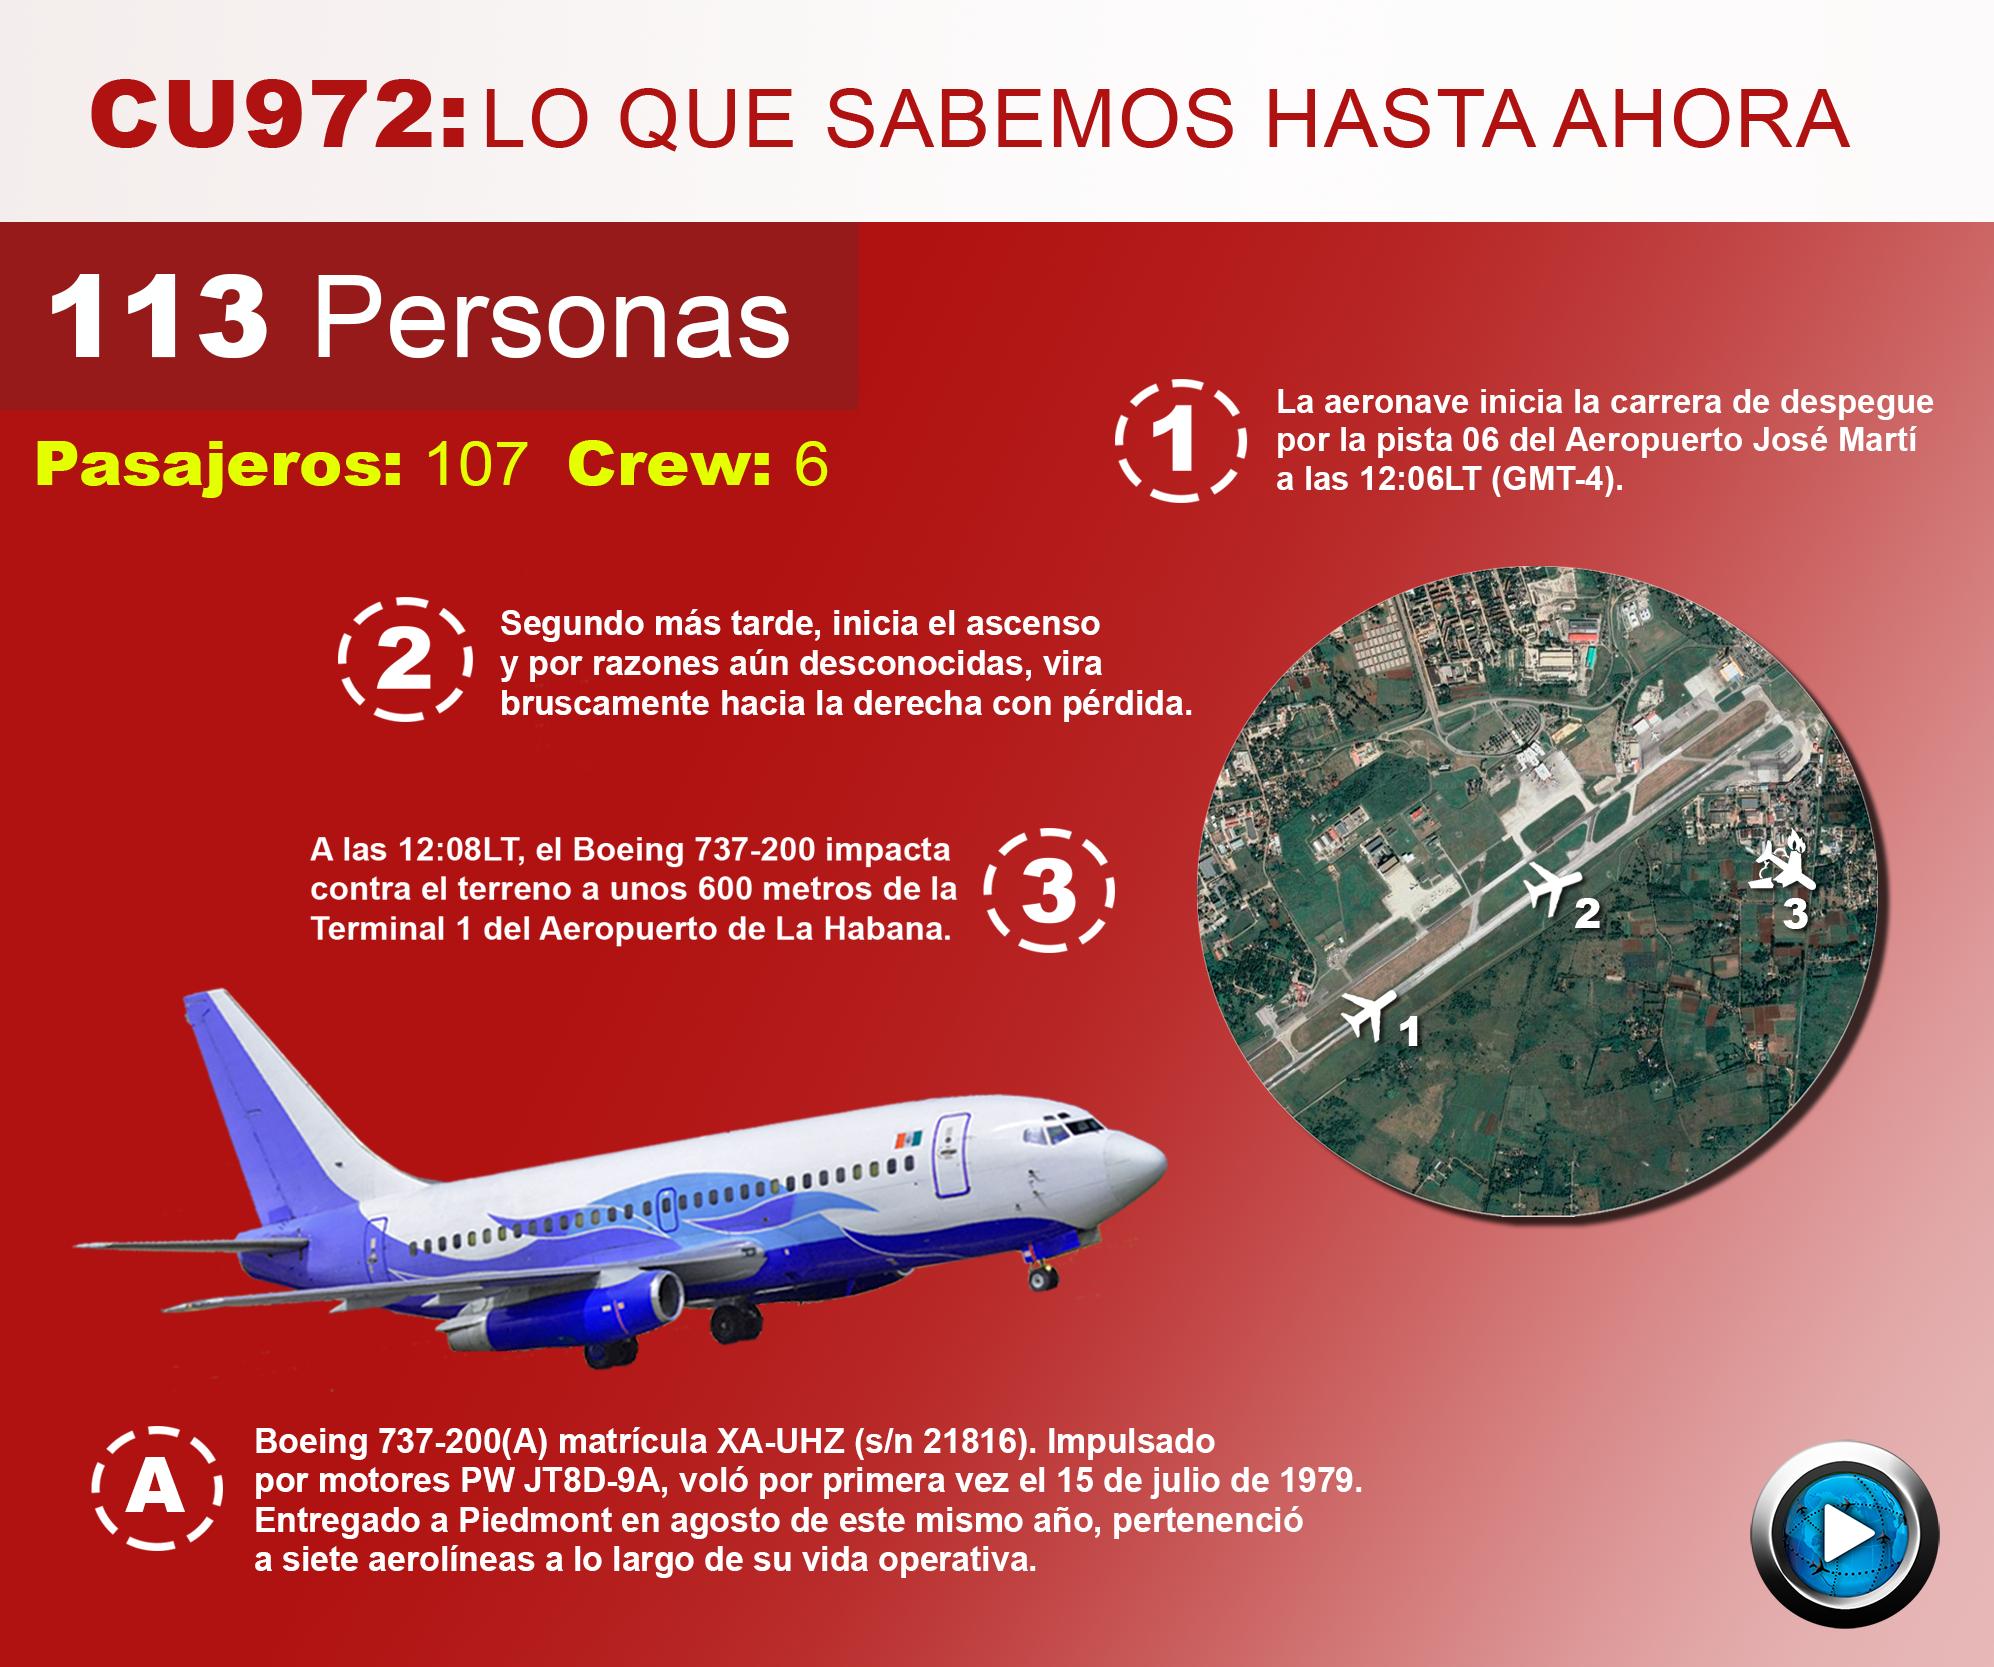 CU972: La historia detrás del accidente... - Transponder 1200